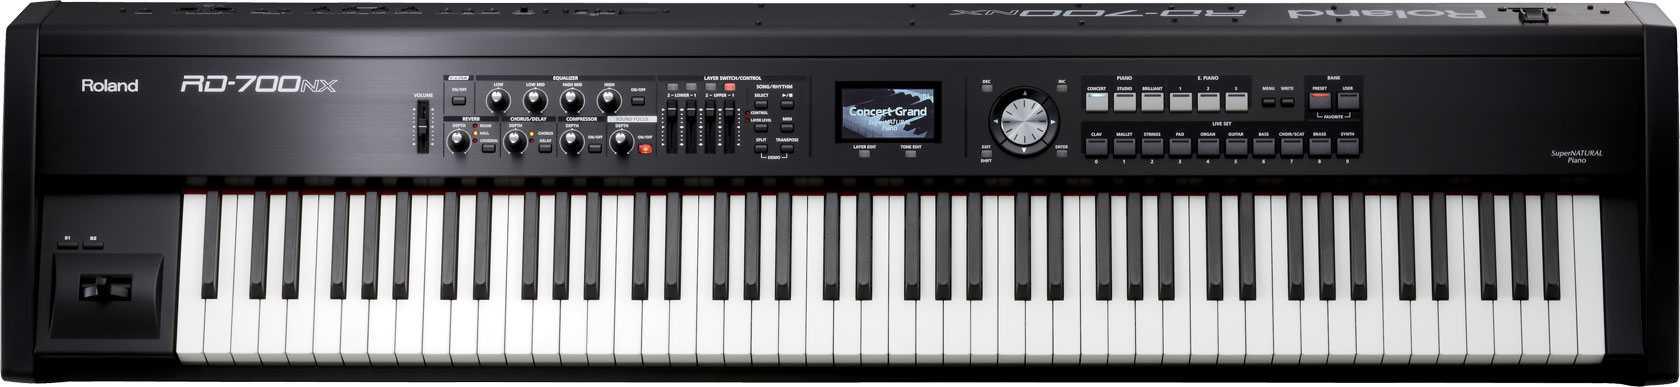 Keyboard Roland RD-700nx